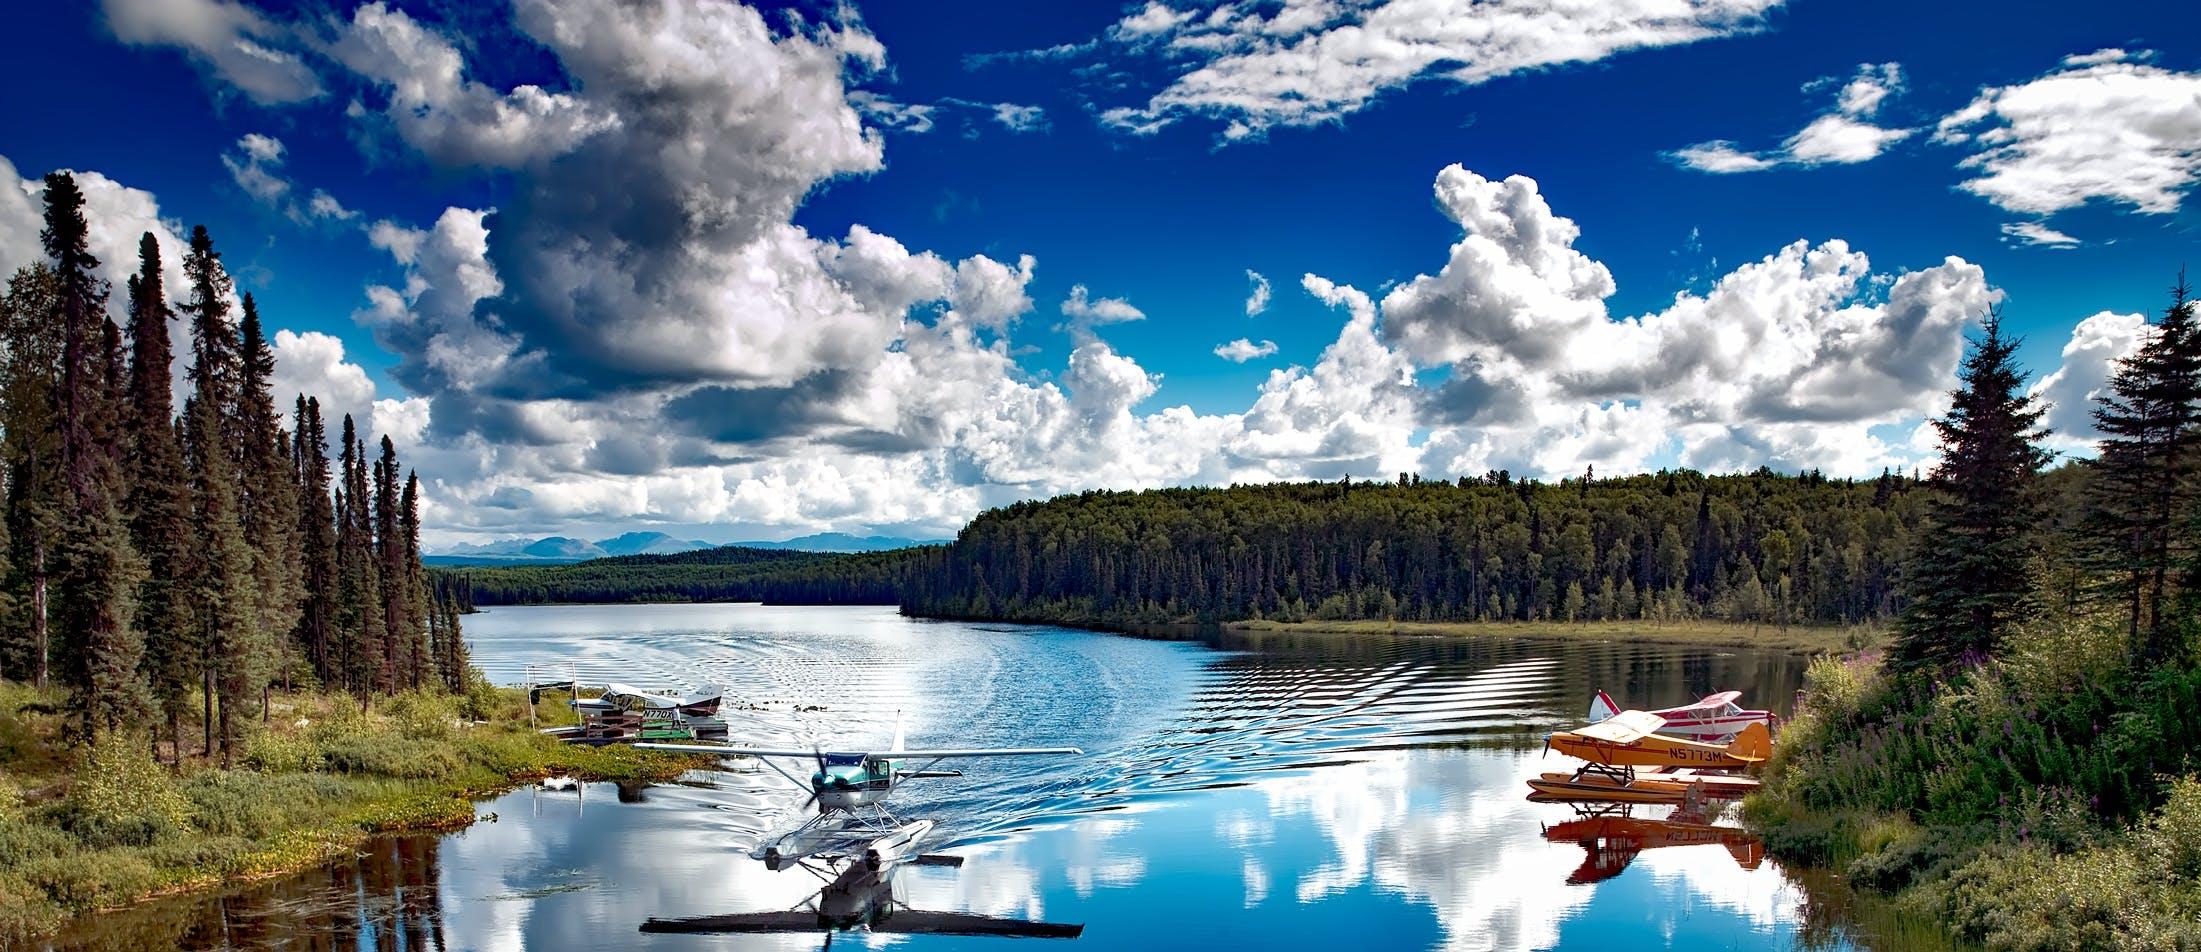 Kostenloses Stock Foto zu flug, landschaft, himmel, urlaub